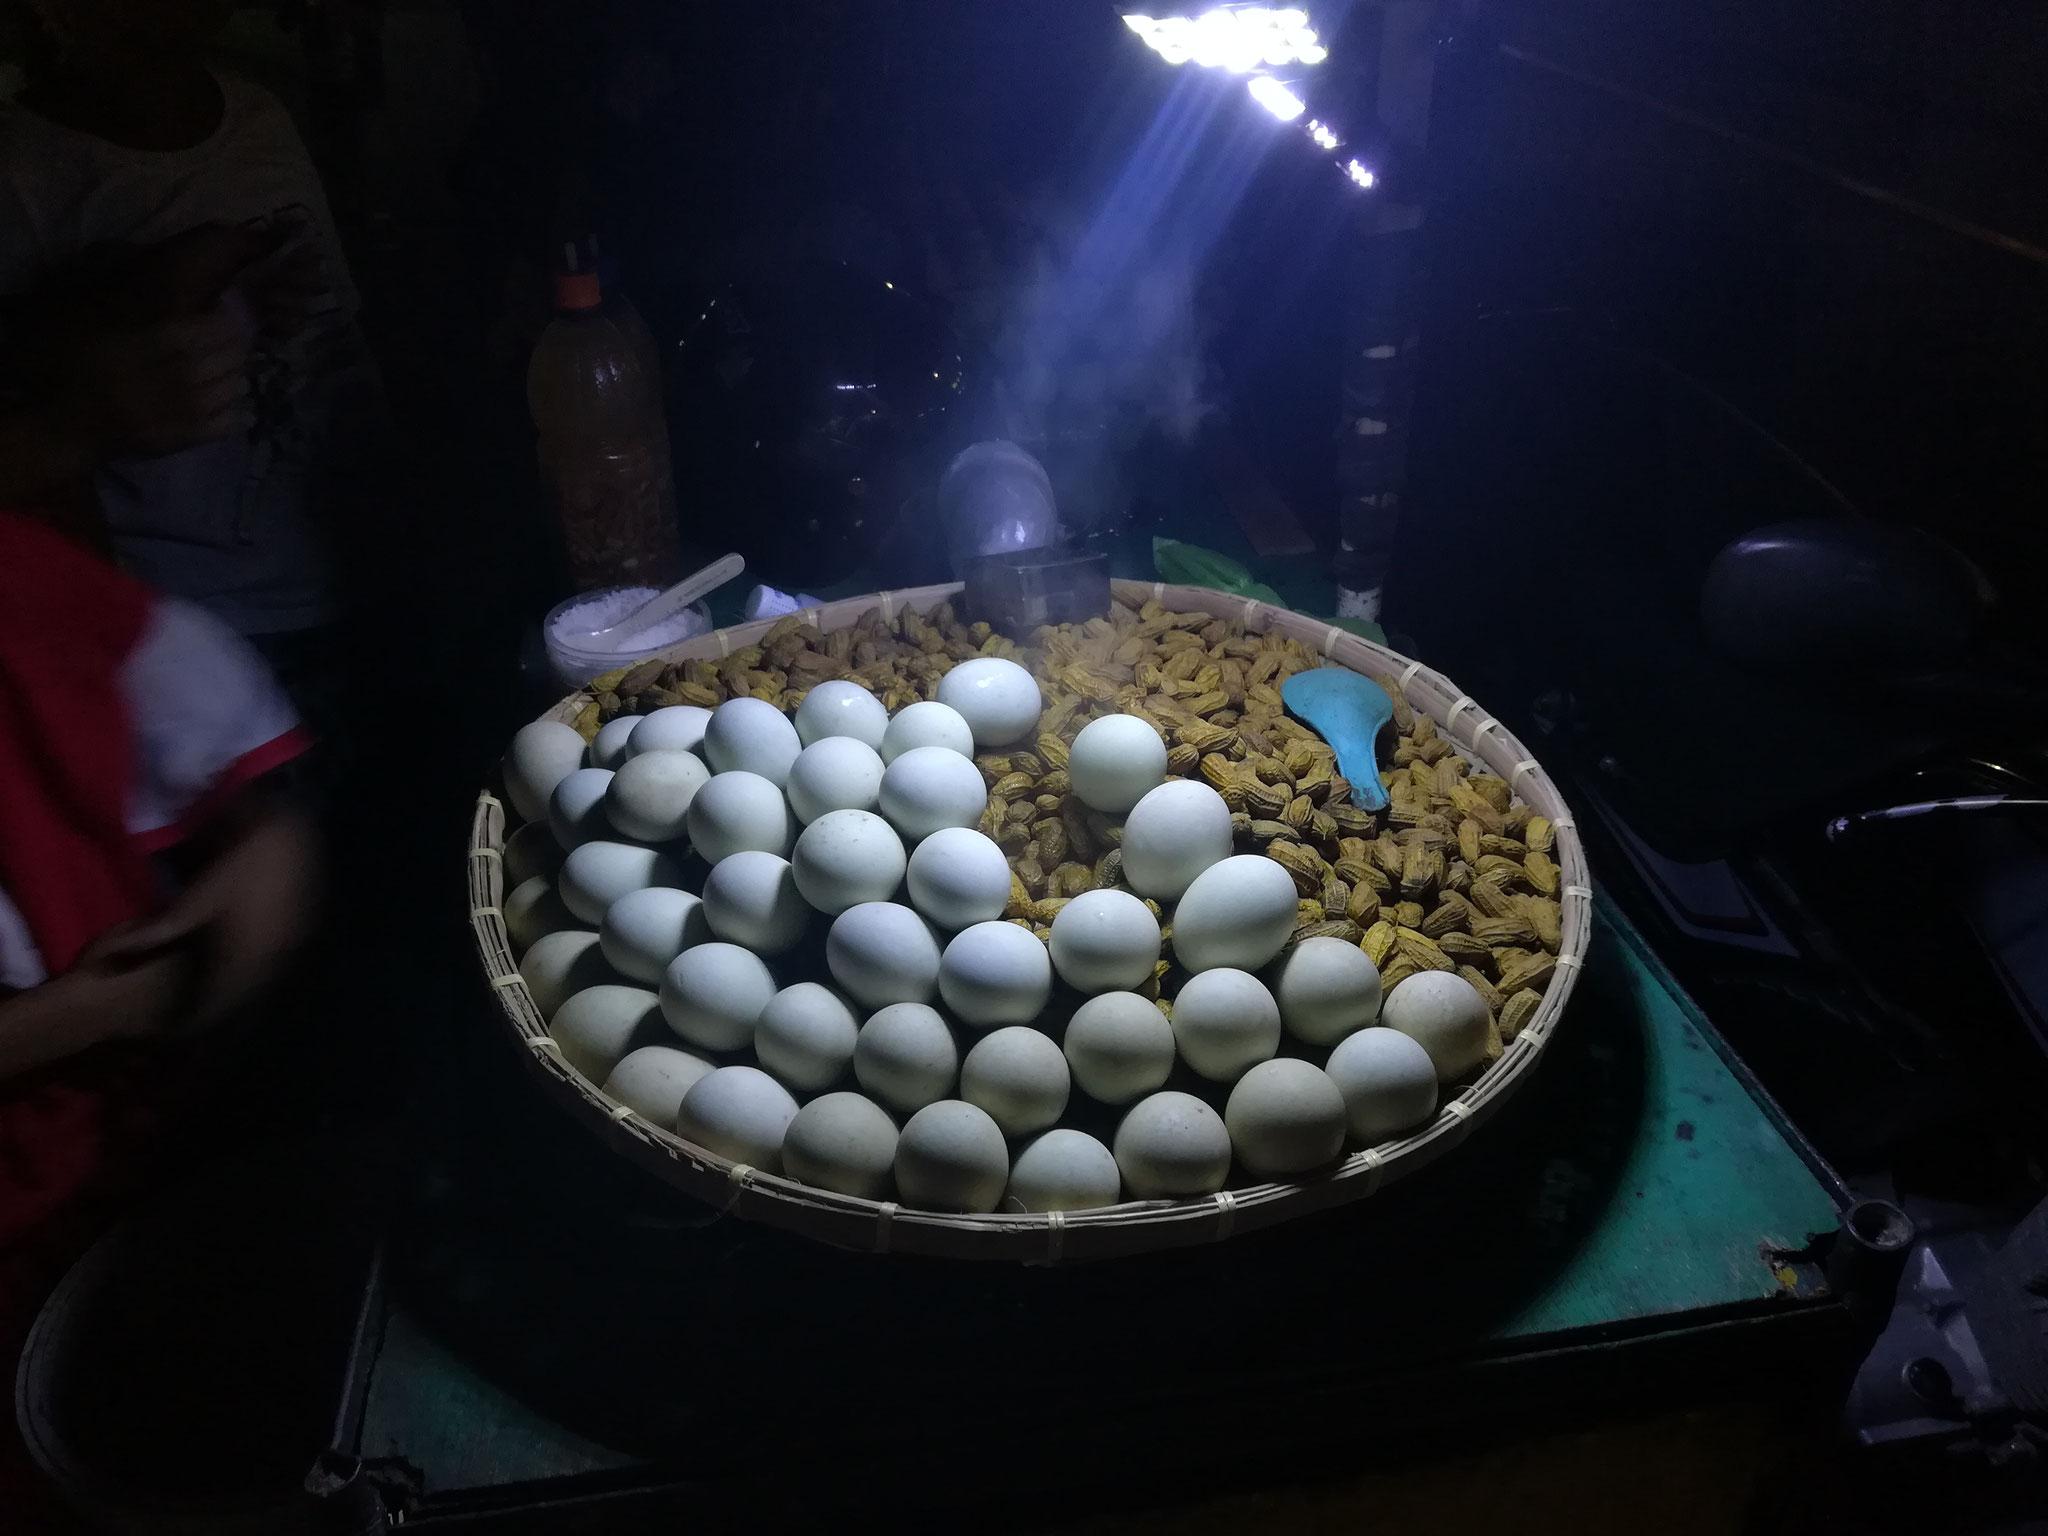 Balut - das halb ausgebrütete Ei (eine Spezialität auf Negros)